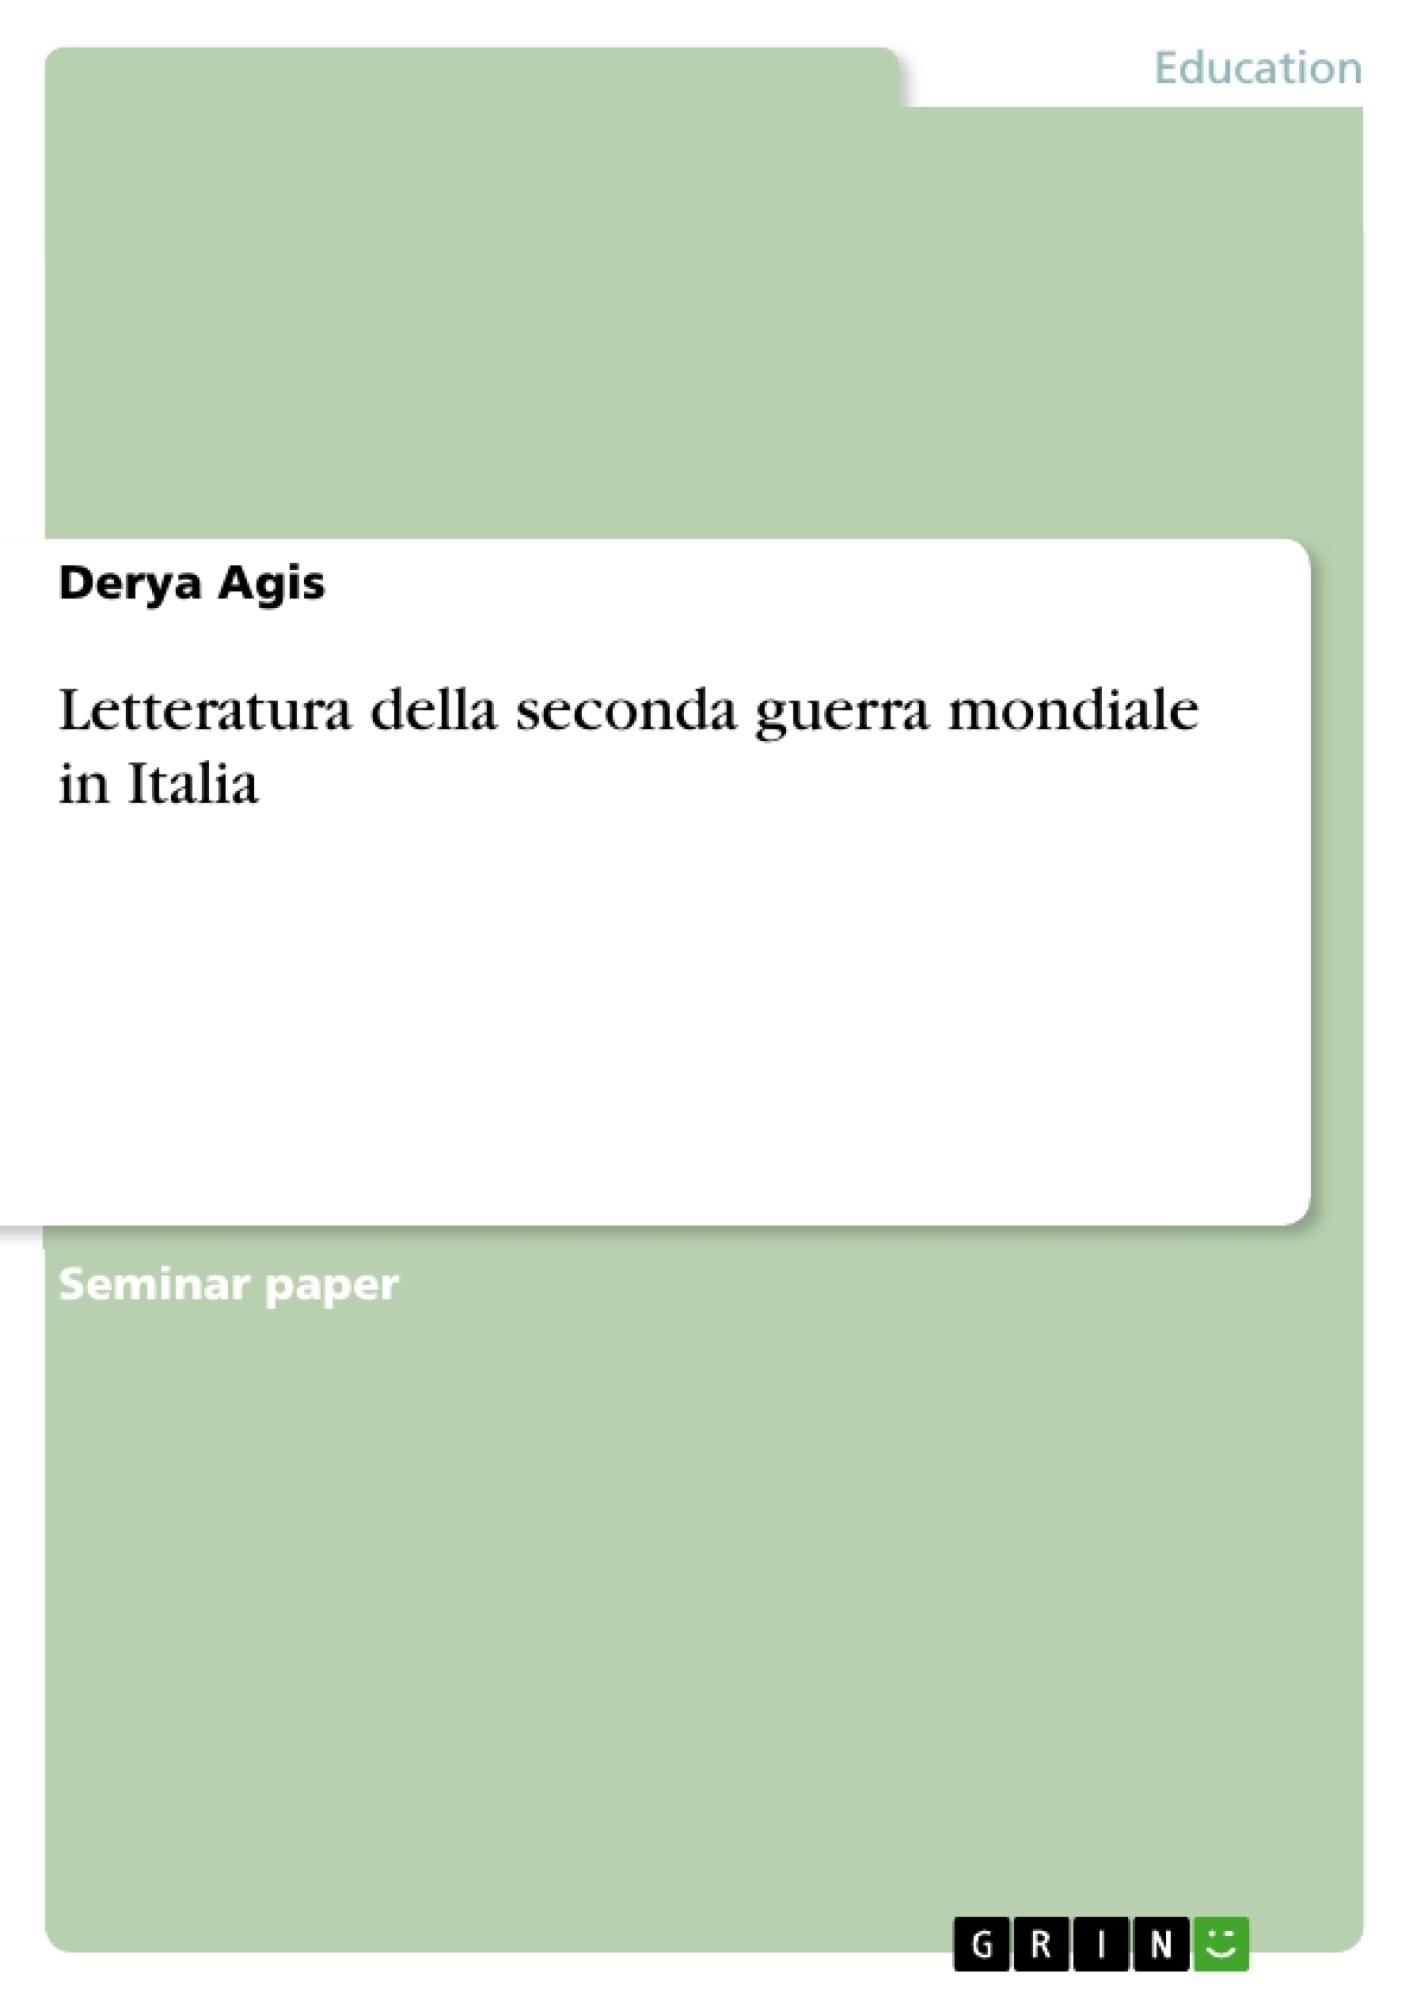 Title: Letteratura della seconda guerra mondiale in Italia